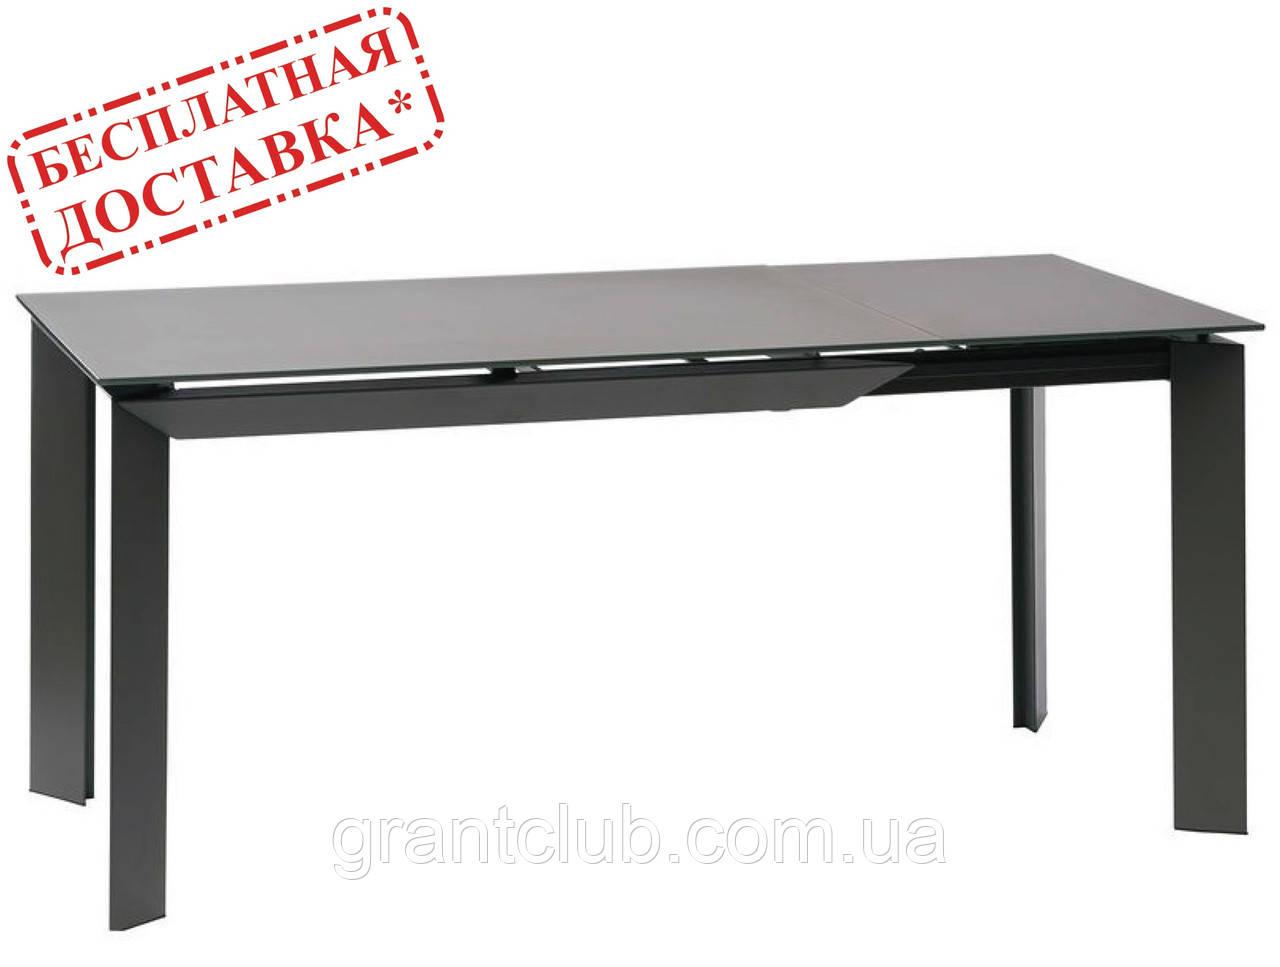 Стіл VERMONT MATT GREY 120/170 сірий матовий (безкоштовна доставка)